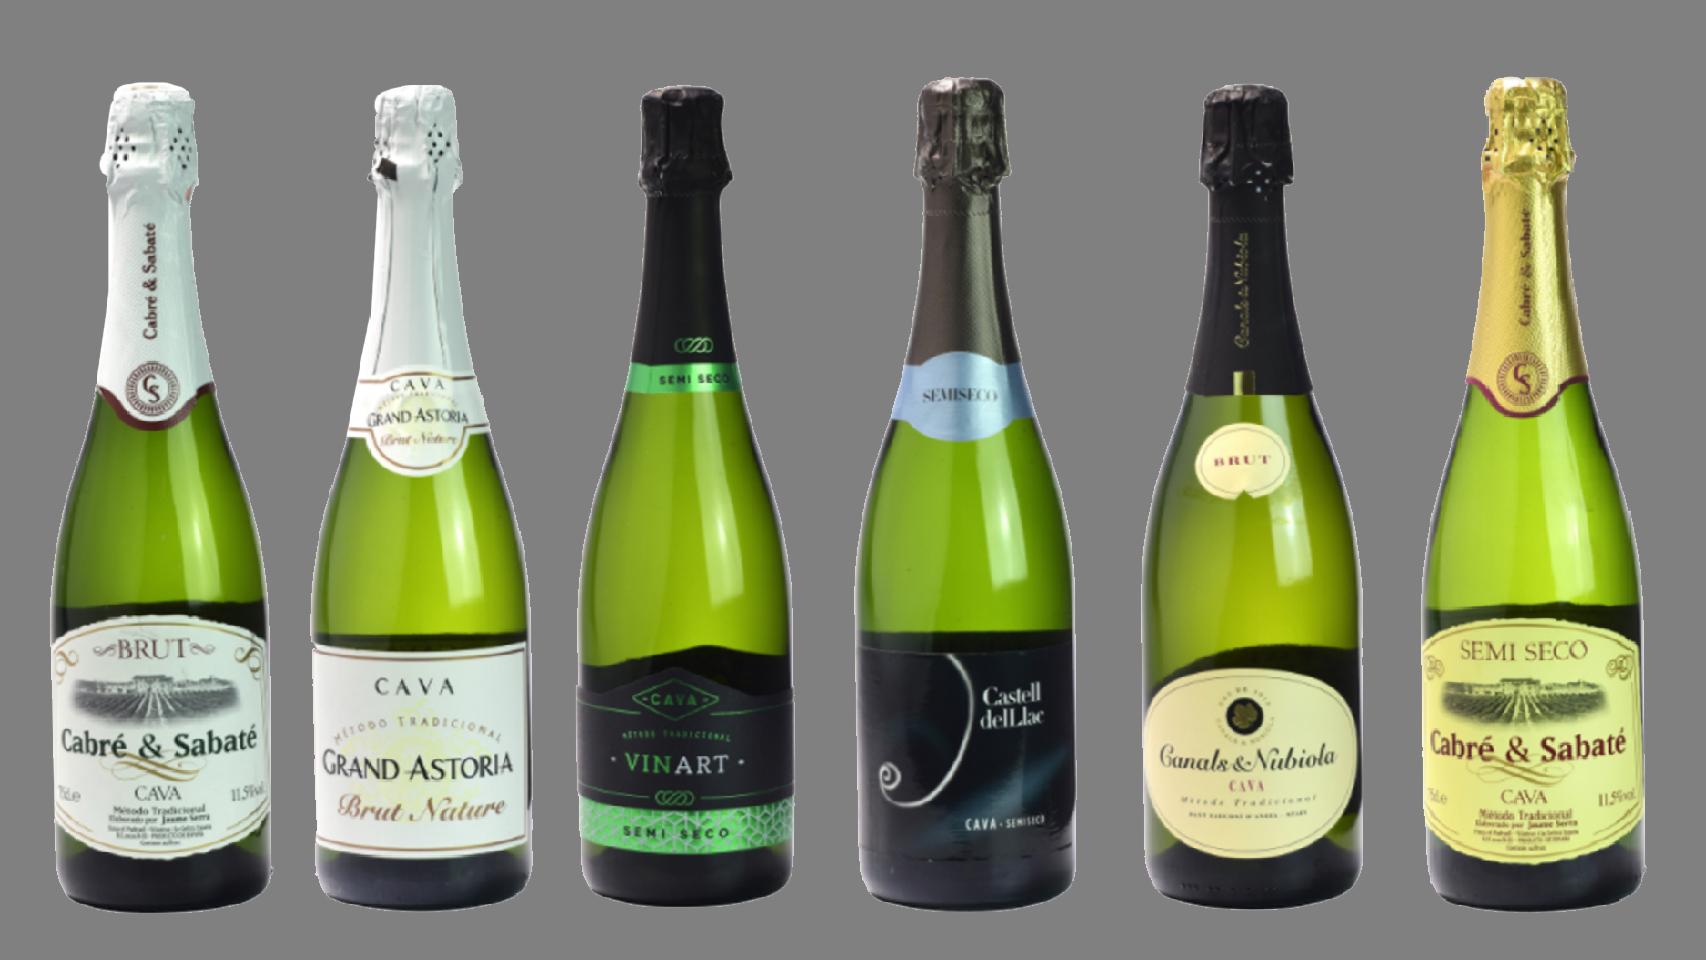 Algunas de las mejores botellas de cava según la OCU.